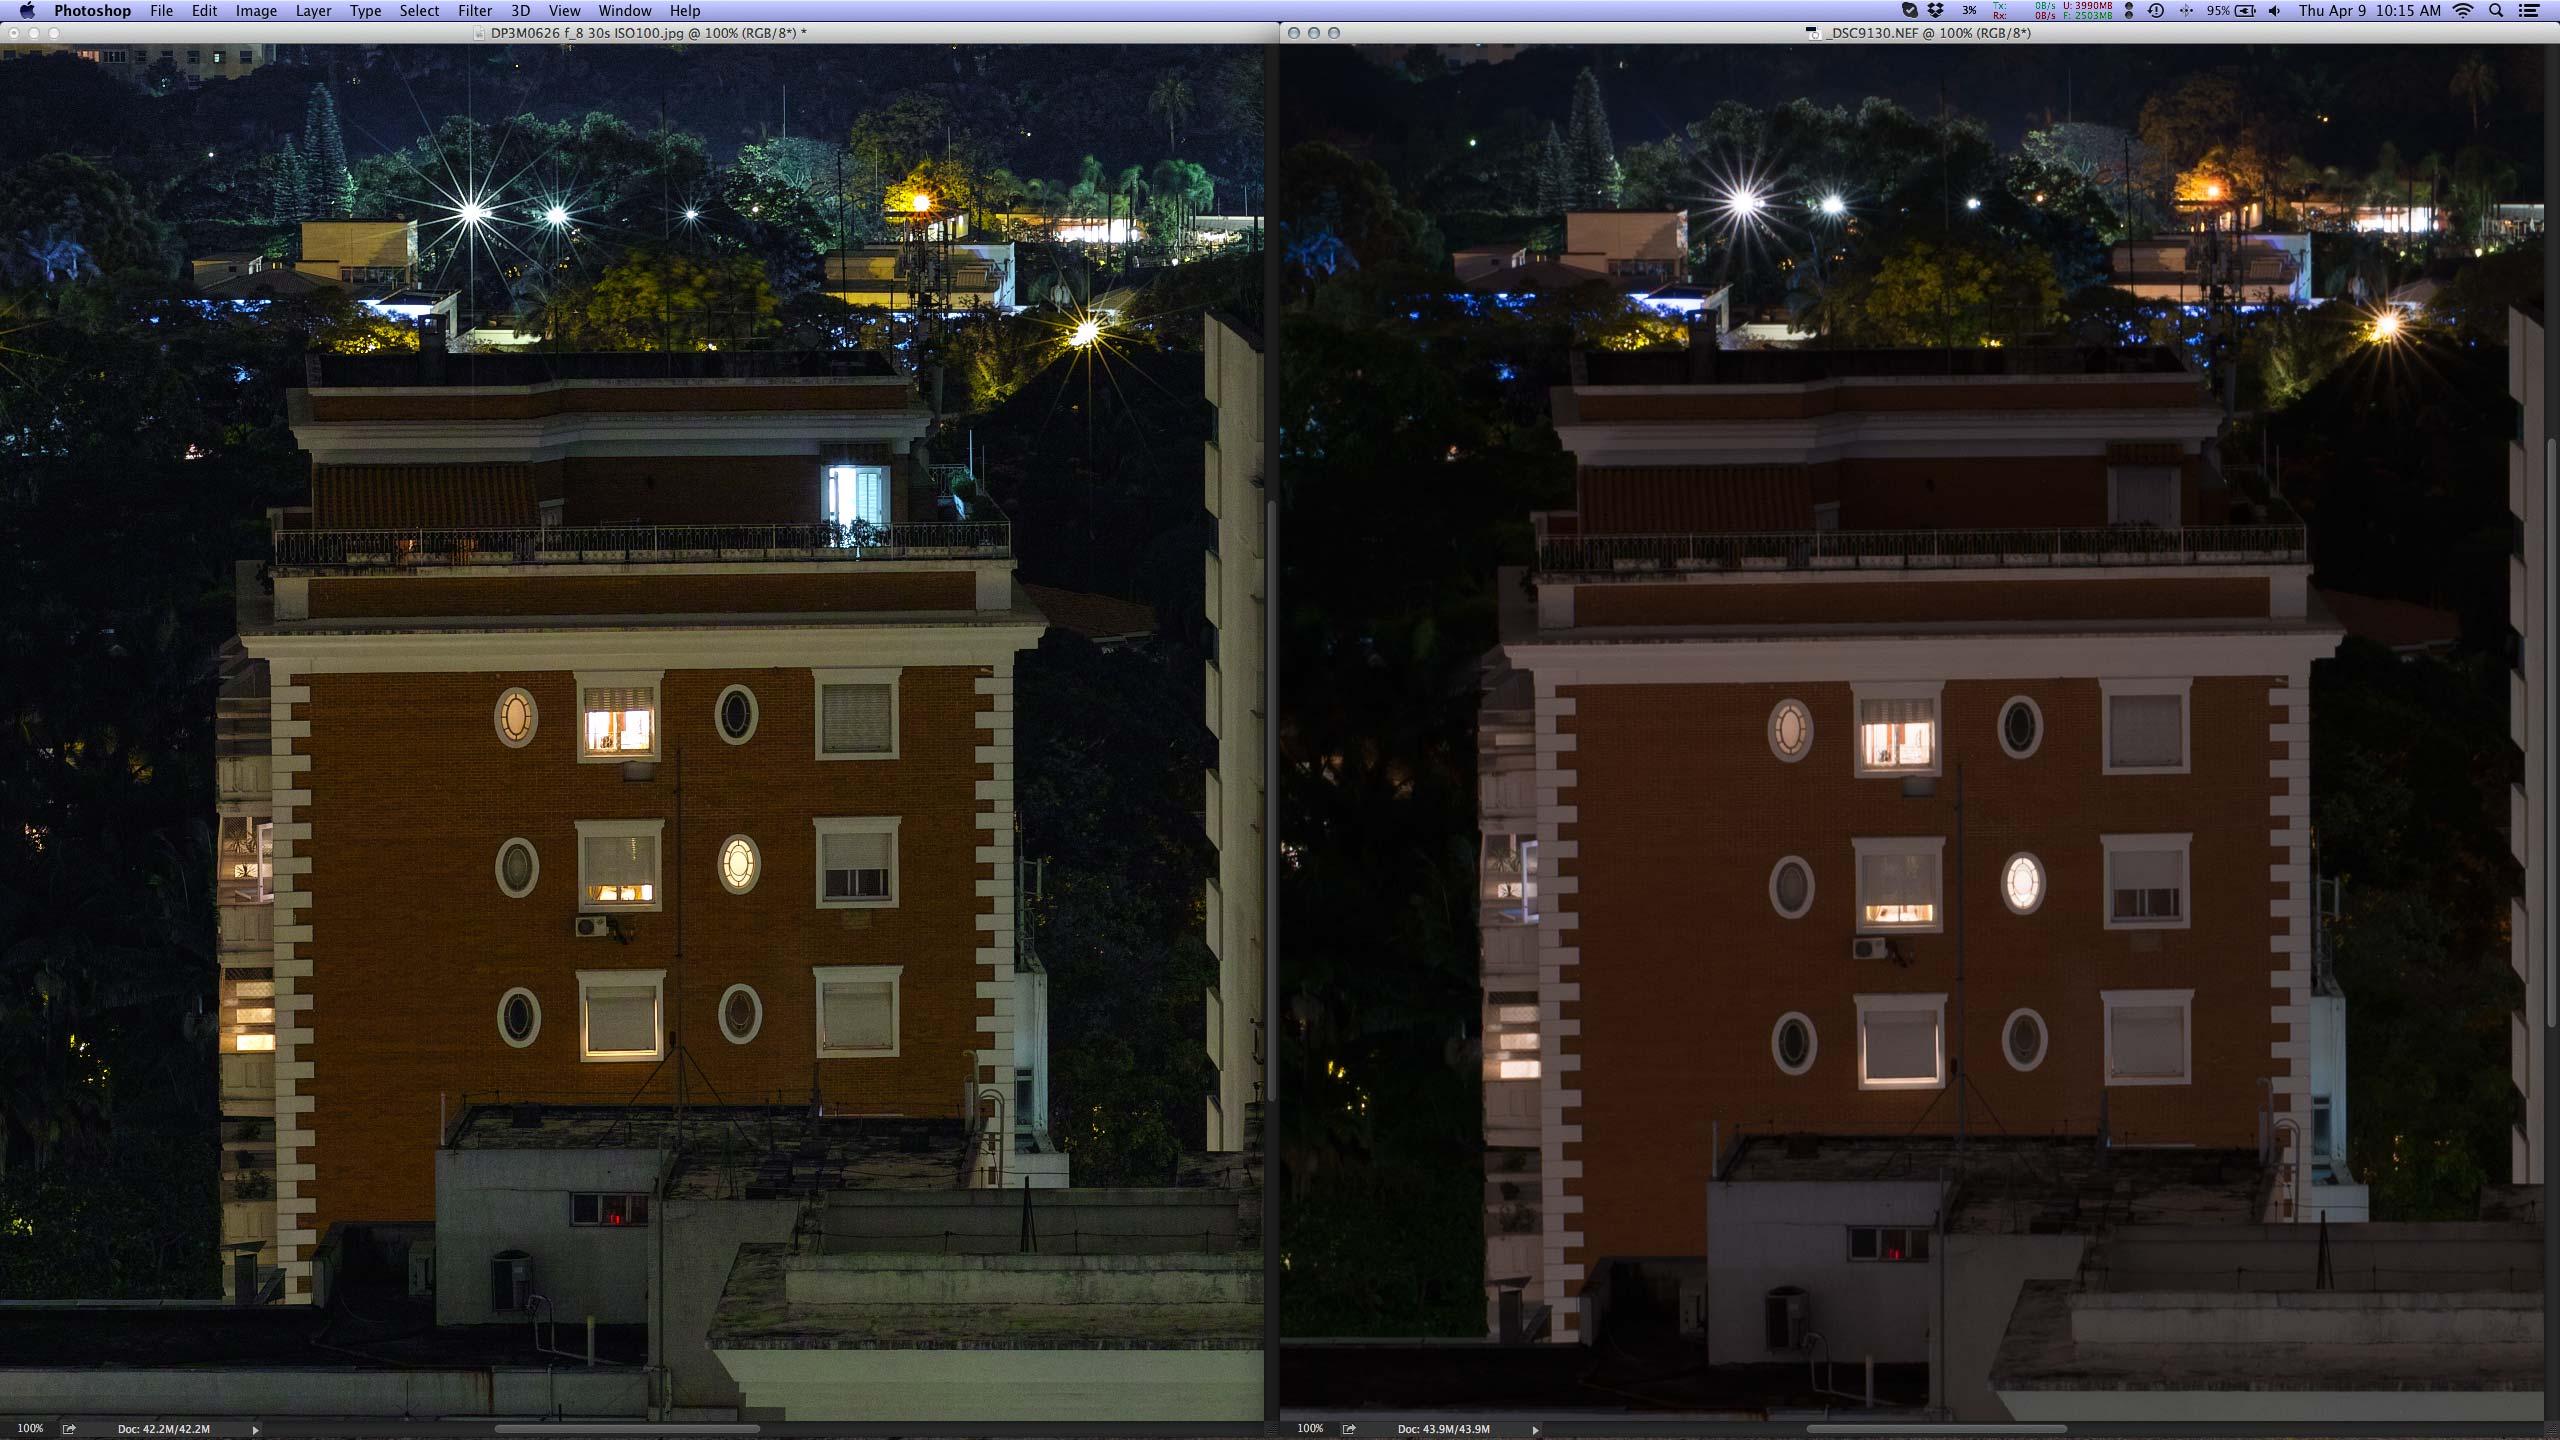 Crop 100%, esquerda DP3M, direita Nikon D800E em modo DX (15MP) + Sigma 50mm f/1.4 DG HSM.